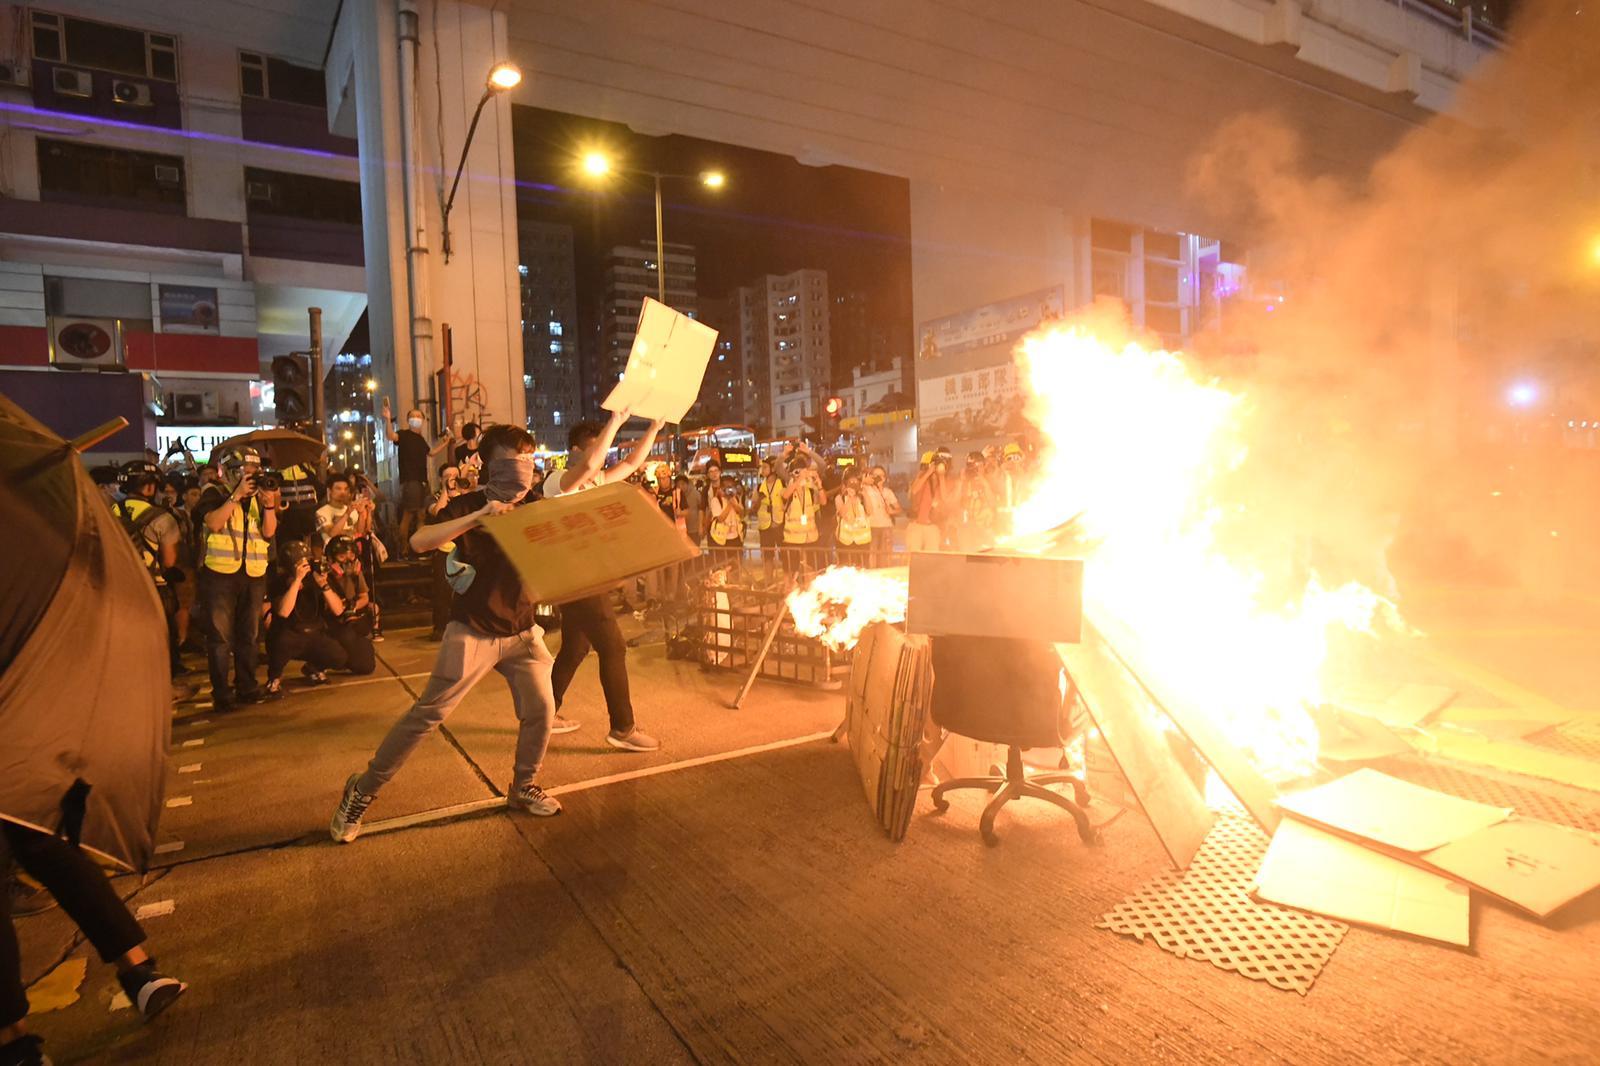 示威者不斷將雜物擲向火堆。